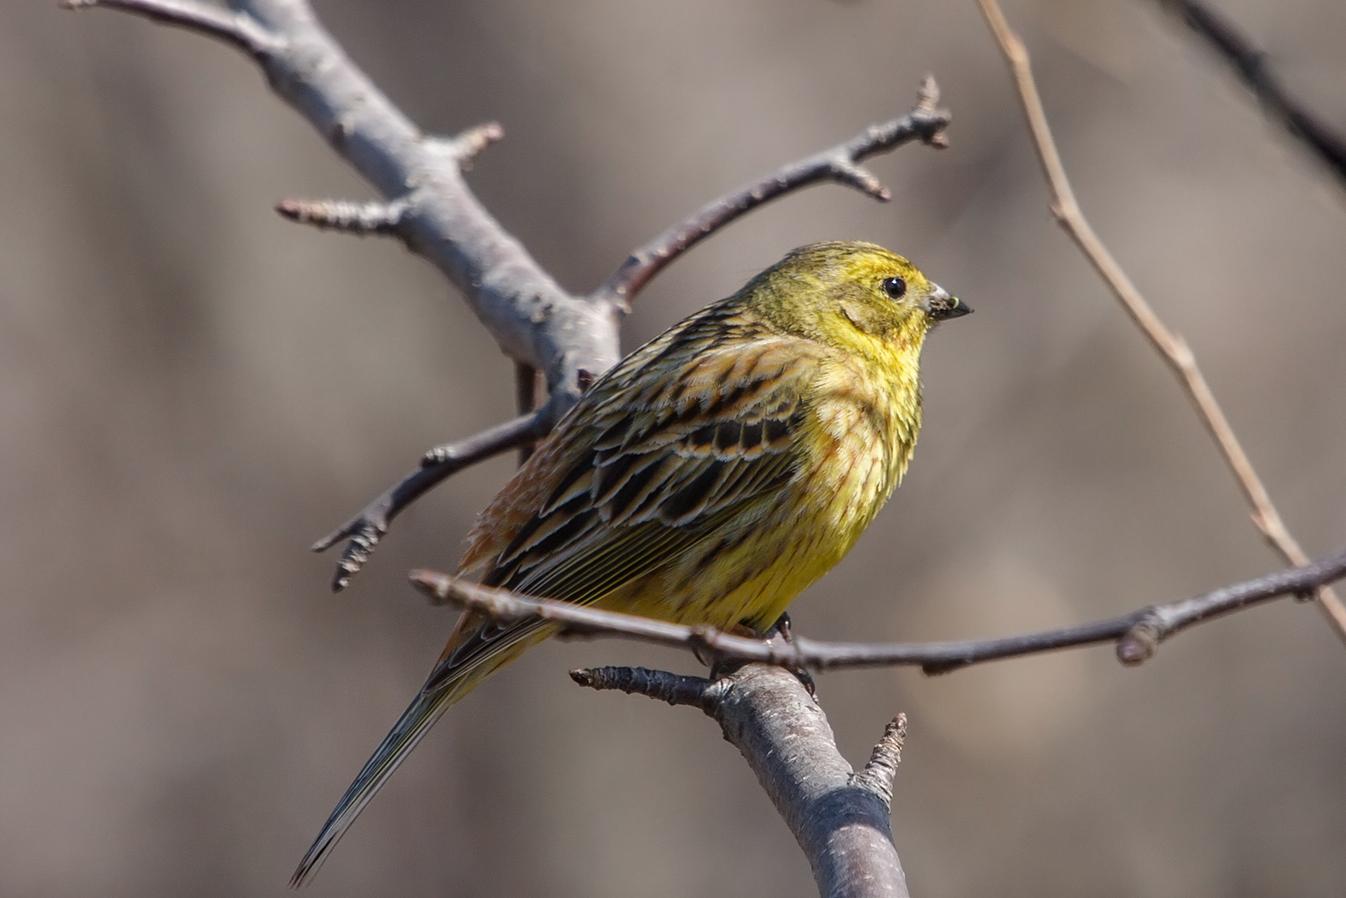 натяжных фото птицы овсянка обыкновенная воспринимает большую часть